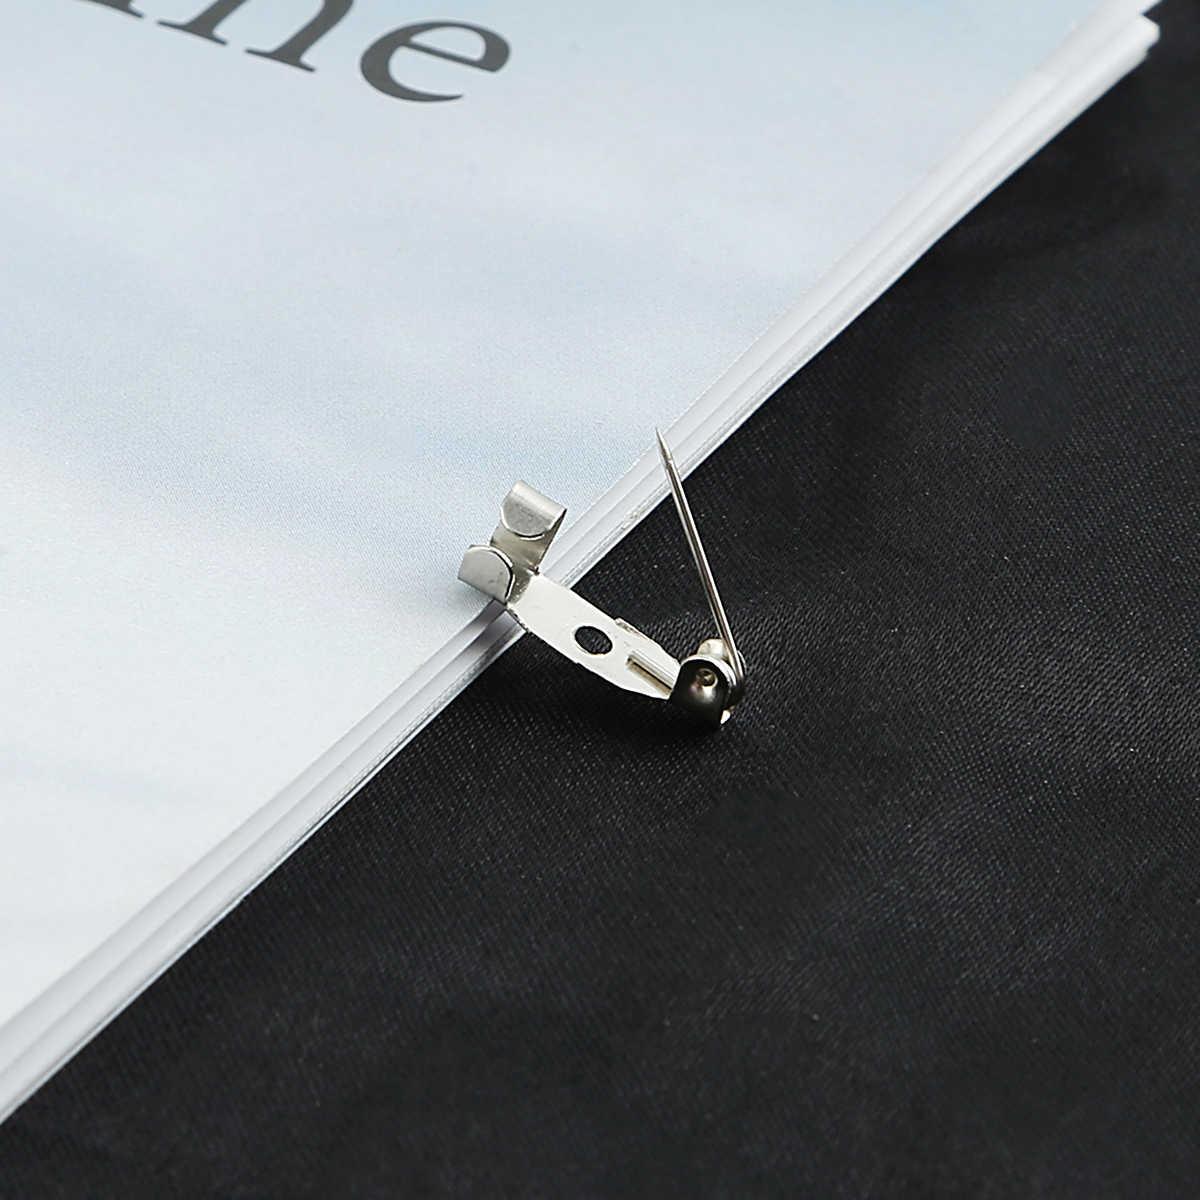 10-50 adet broş tabanı metal pimler 15/20/25/30/35mm pin arka gümüş renk kilitleme toka Pin tutucu takı aksesuarları